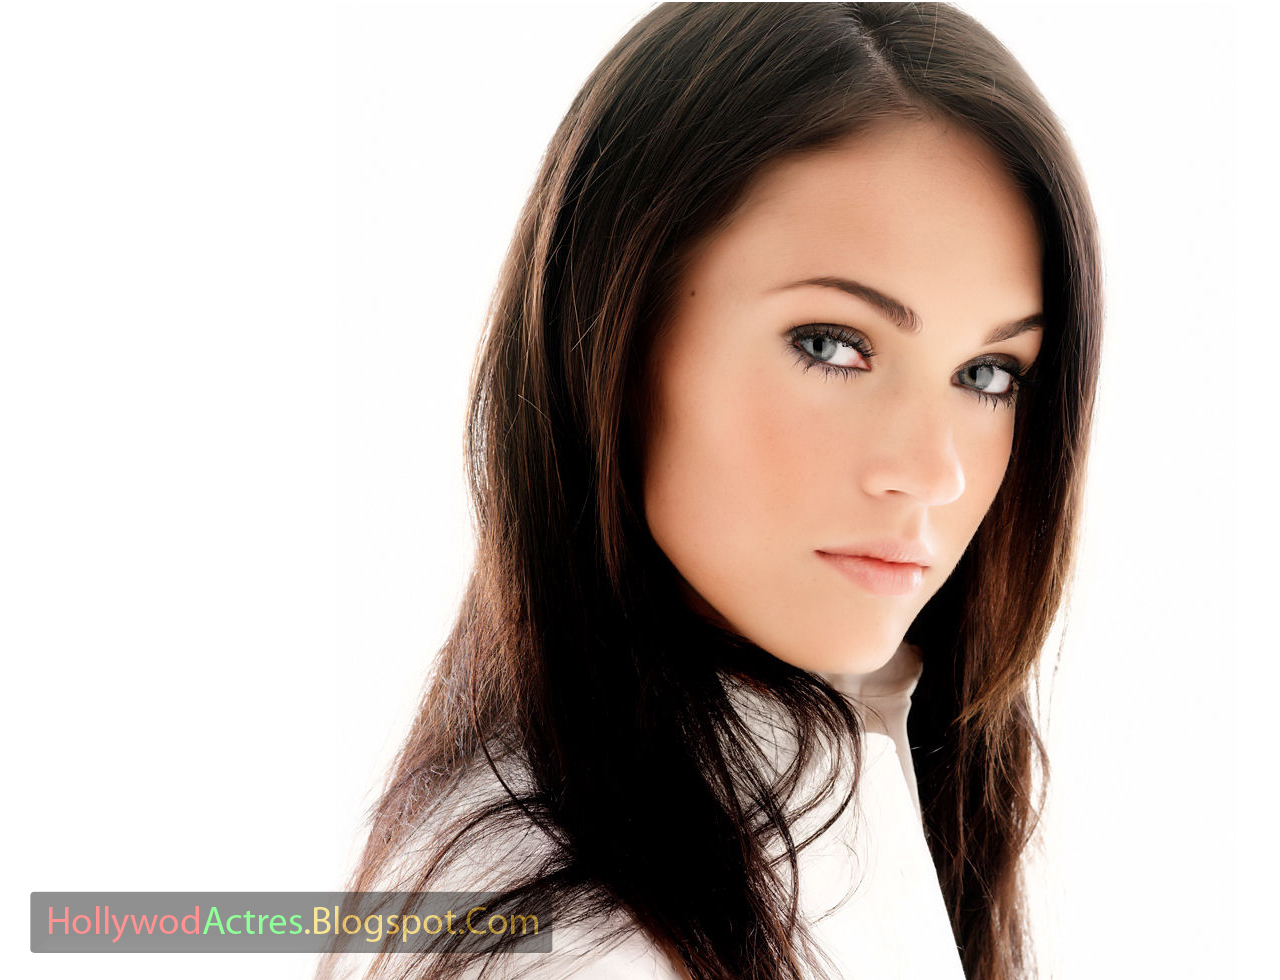 http://1.bp.blogspot.com/-21vIGeDyUQw/UQkV3noxYyI/AAAAAAAAIU4/vhrVEElx3t8/s1600/Megan+Fox+4.jpg